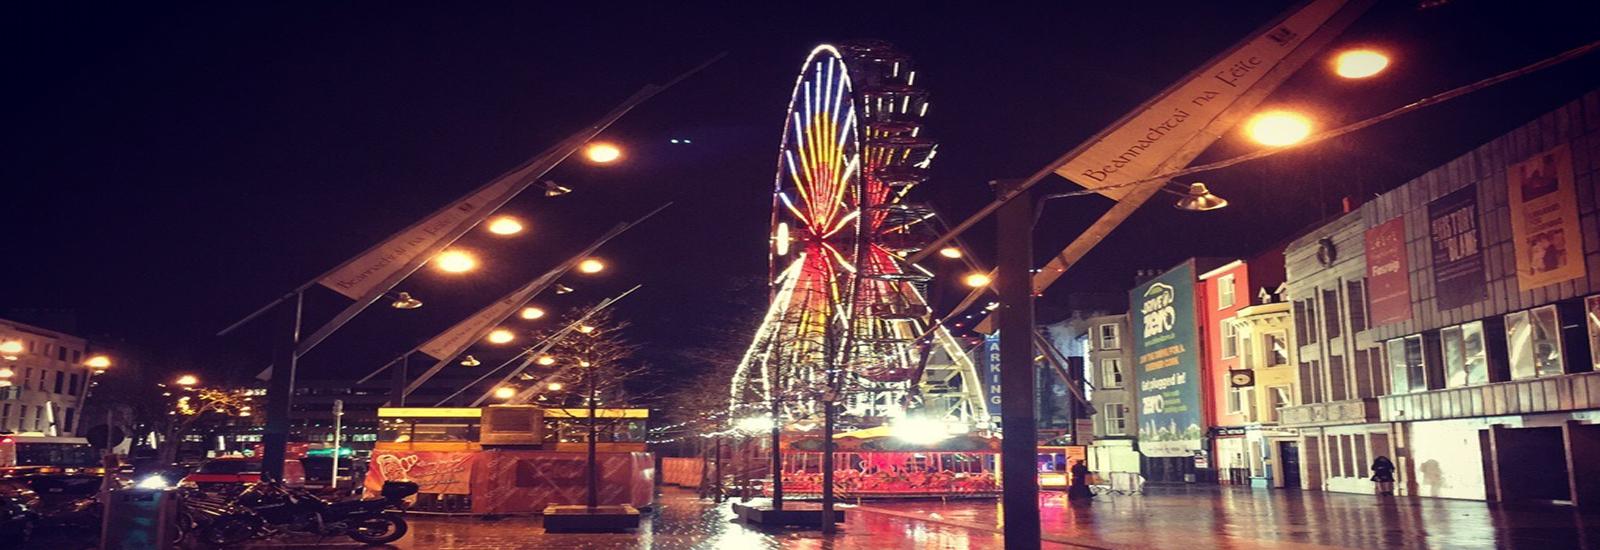 Cork-Ferris-Wheel-Linda